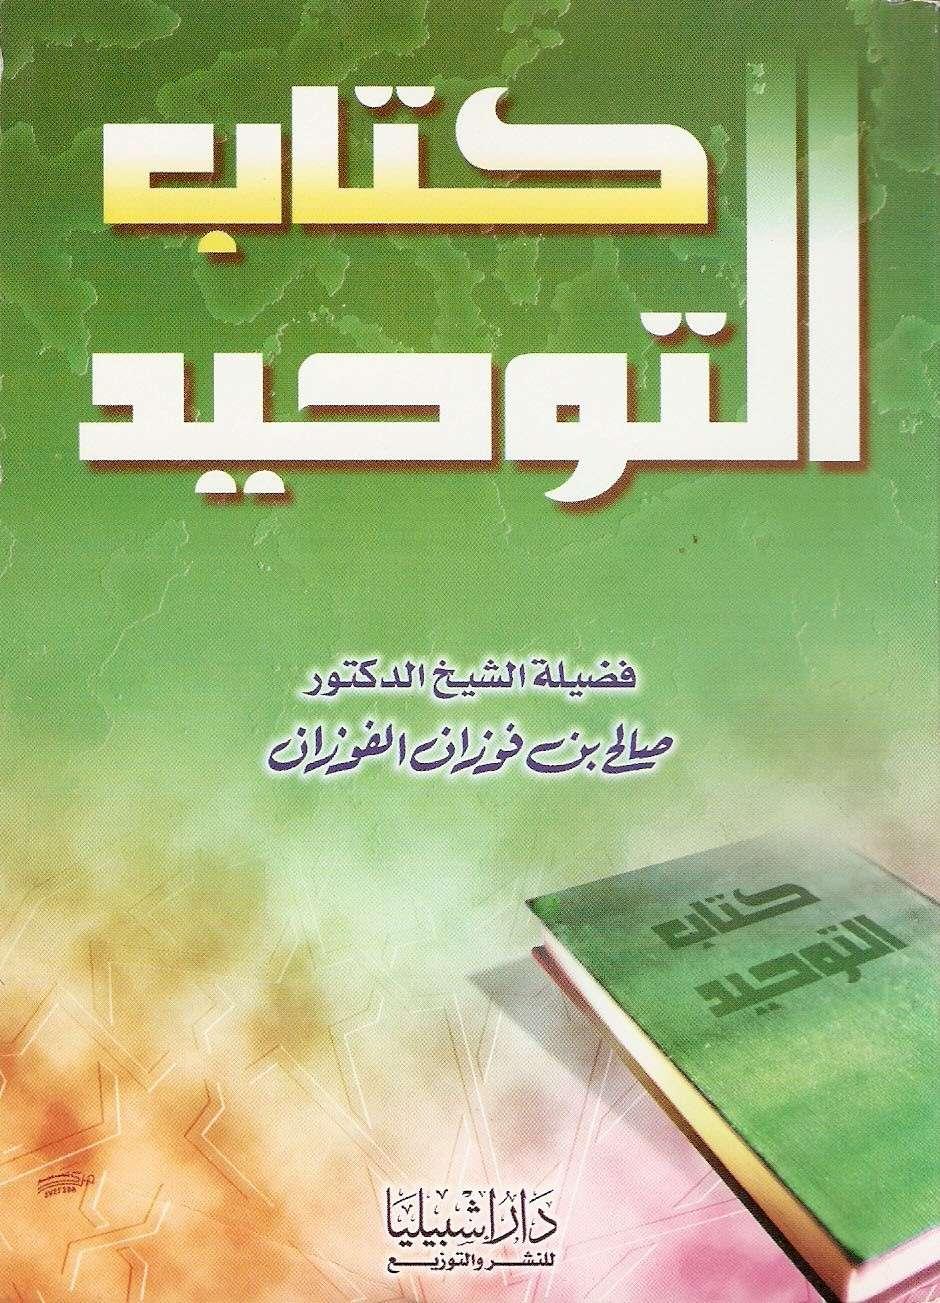 شرح كتاب التوحيد صالح العصيمي pdf